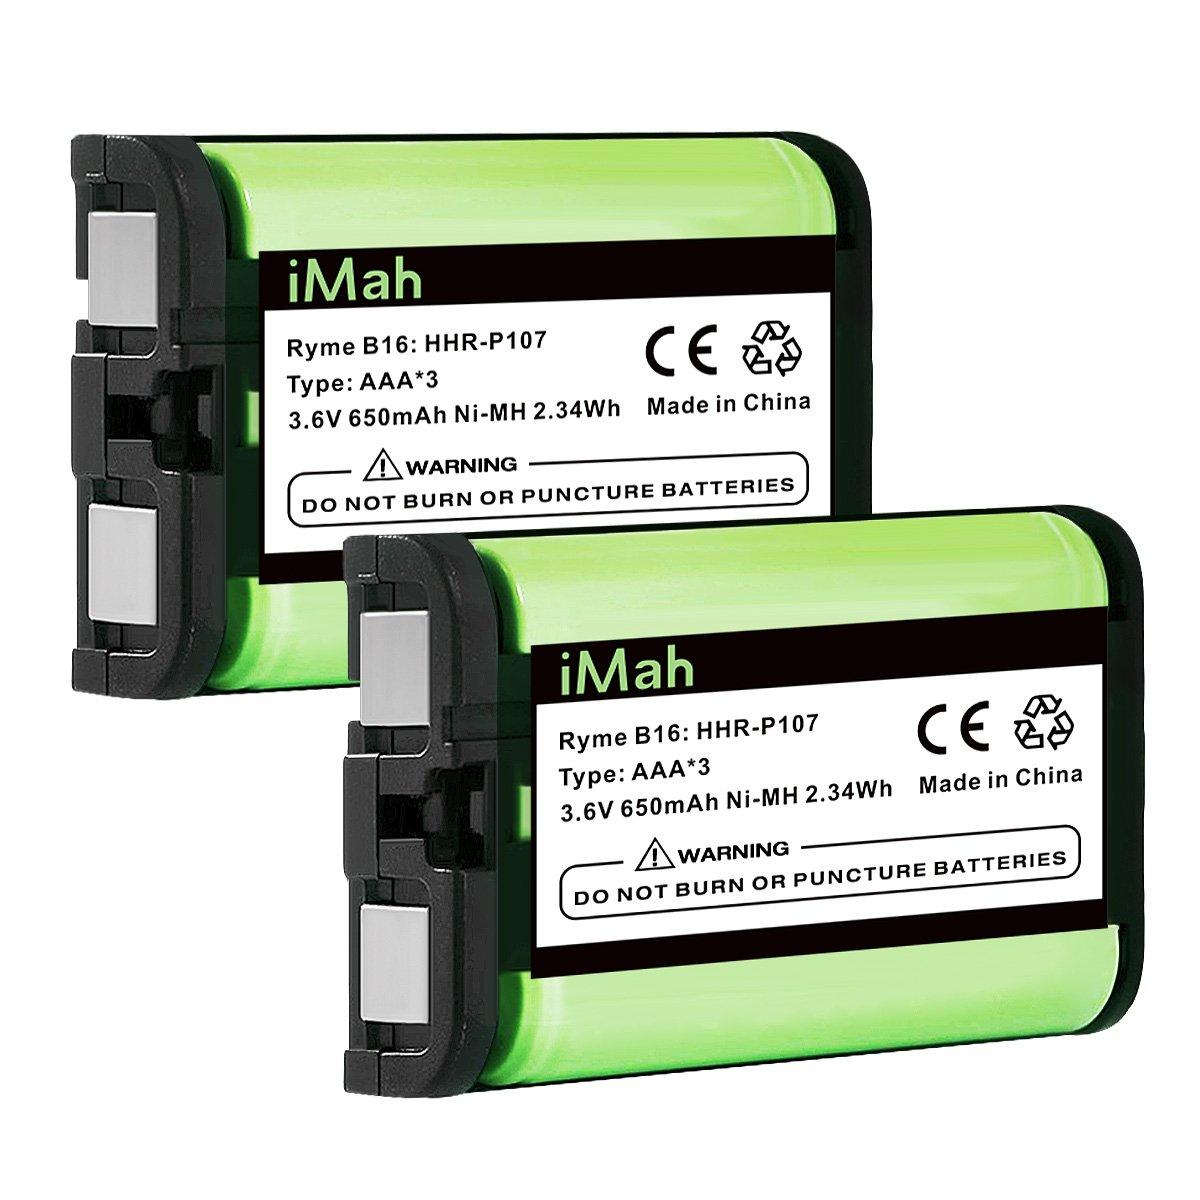 iMah HHR-P107 3.6V 650mAh Cordless Phone Battery Compatible with Panasonic PQSUHGLA1ZA HHR-P107A HHR-P107A/1B KX-TG6071 KX-TG6074 KX-TGA351 KX-TGA600 Handset Telephone (Type 35), Pack of 2